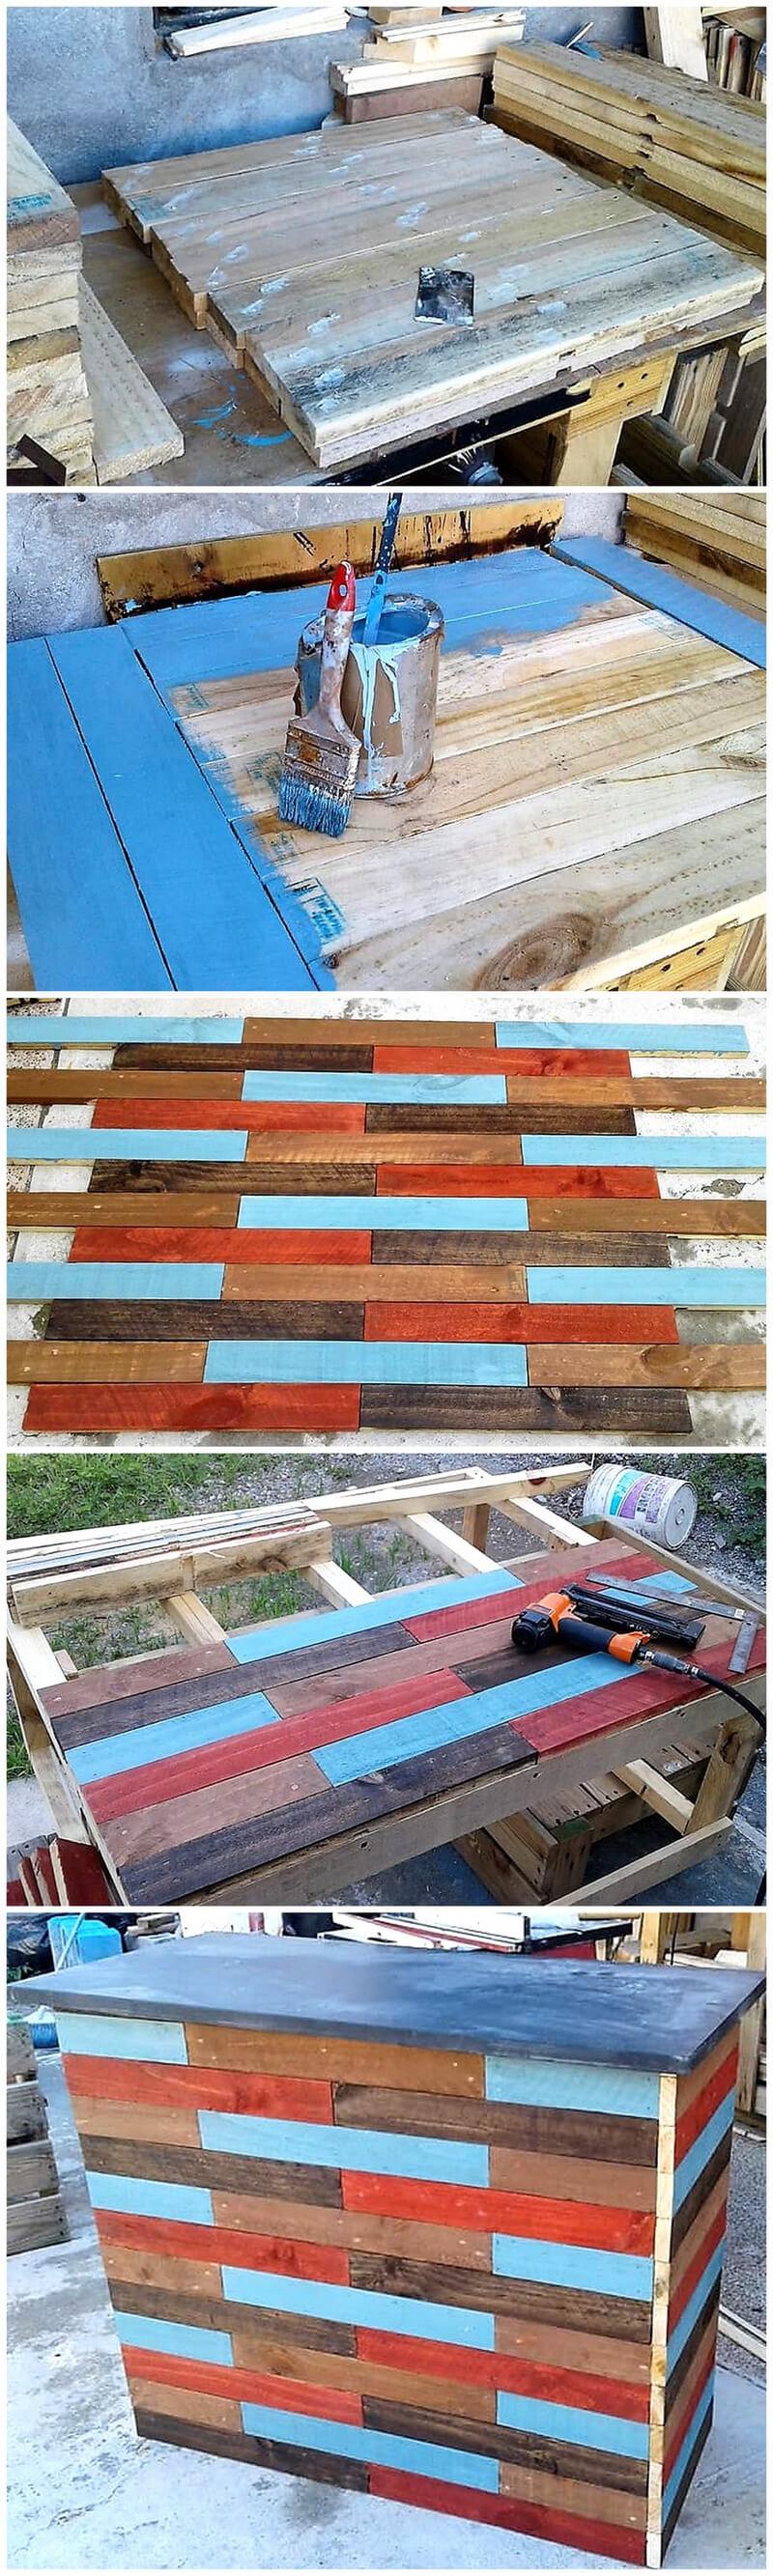 pallets wooden bar idea